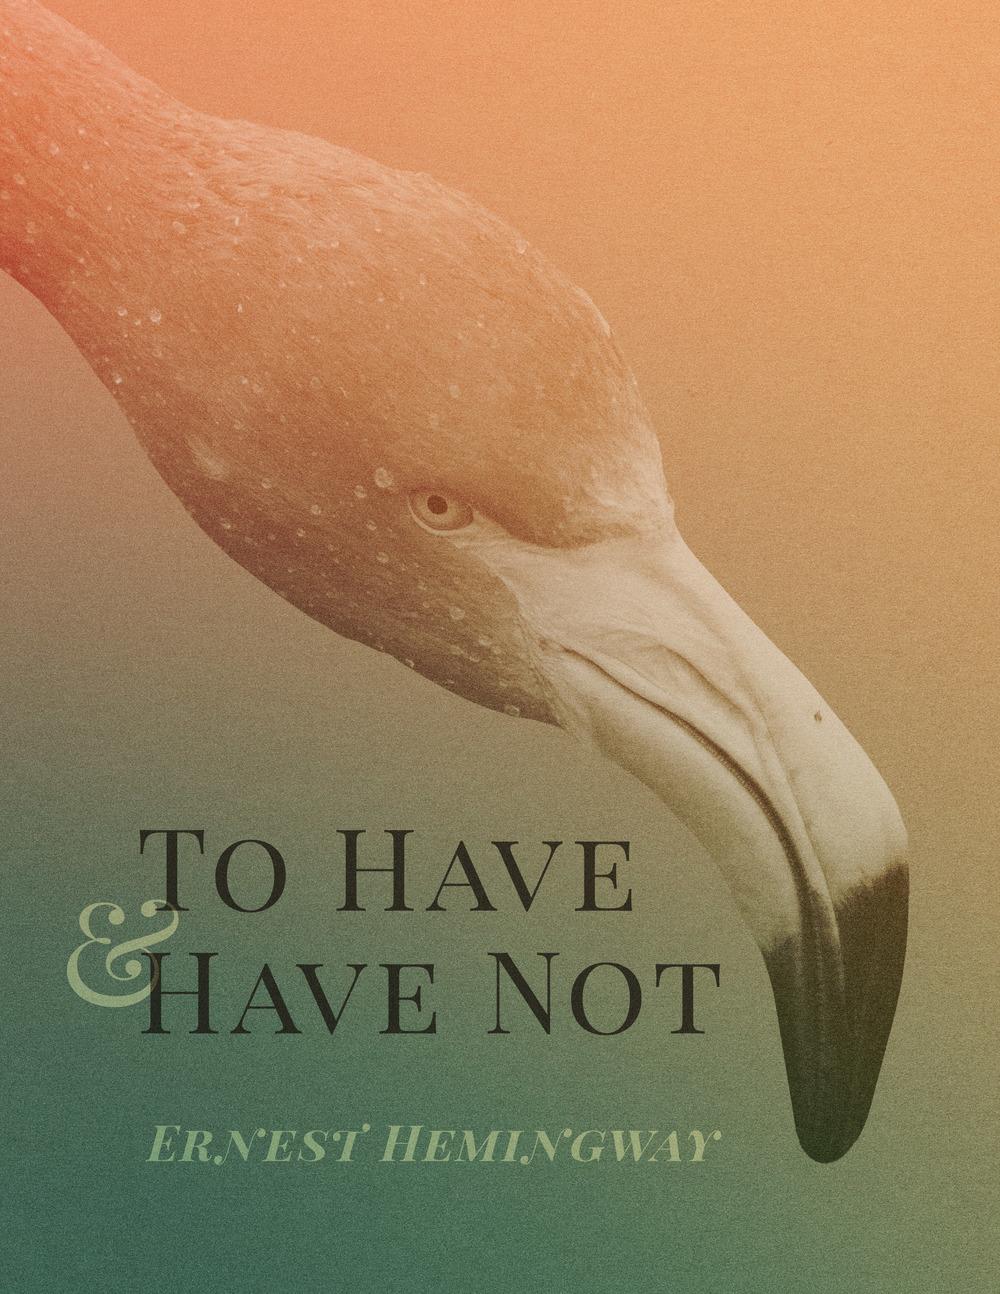 Book cover design, 2015